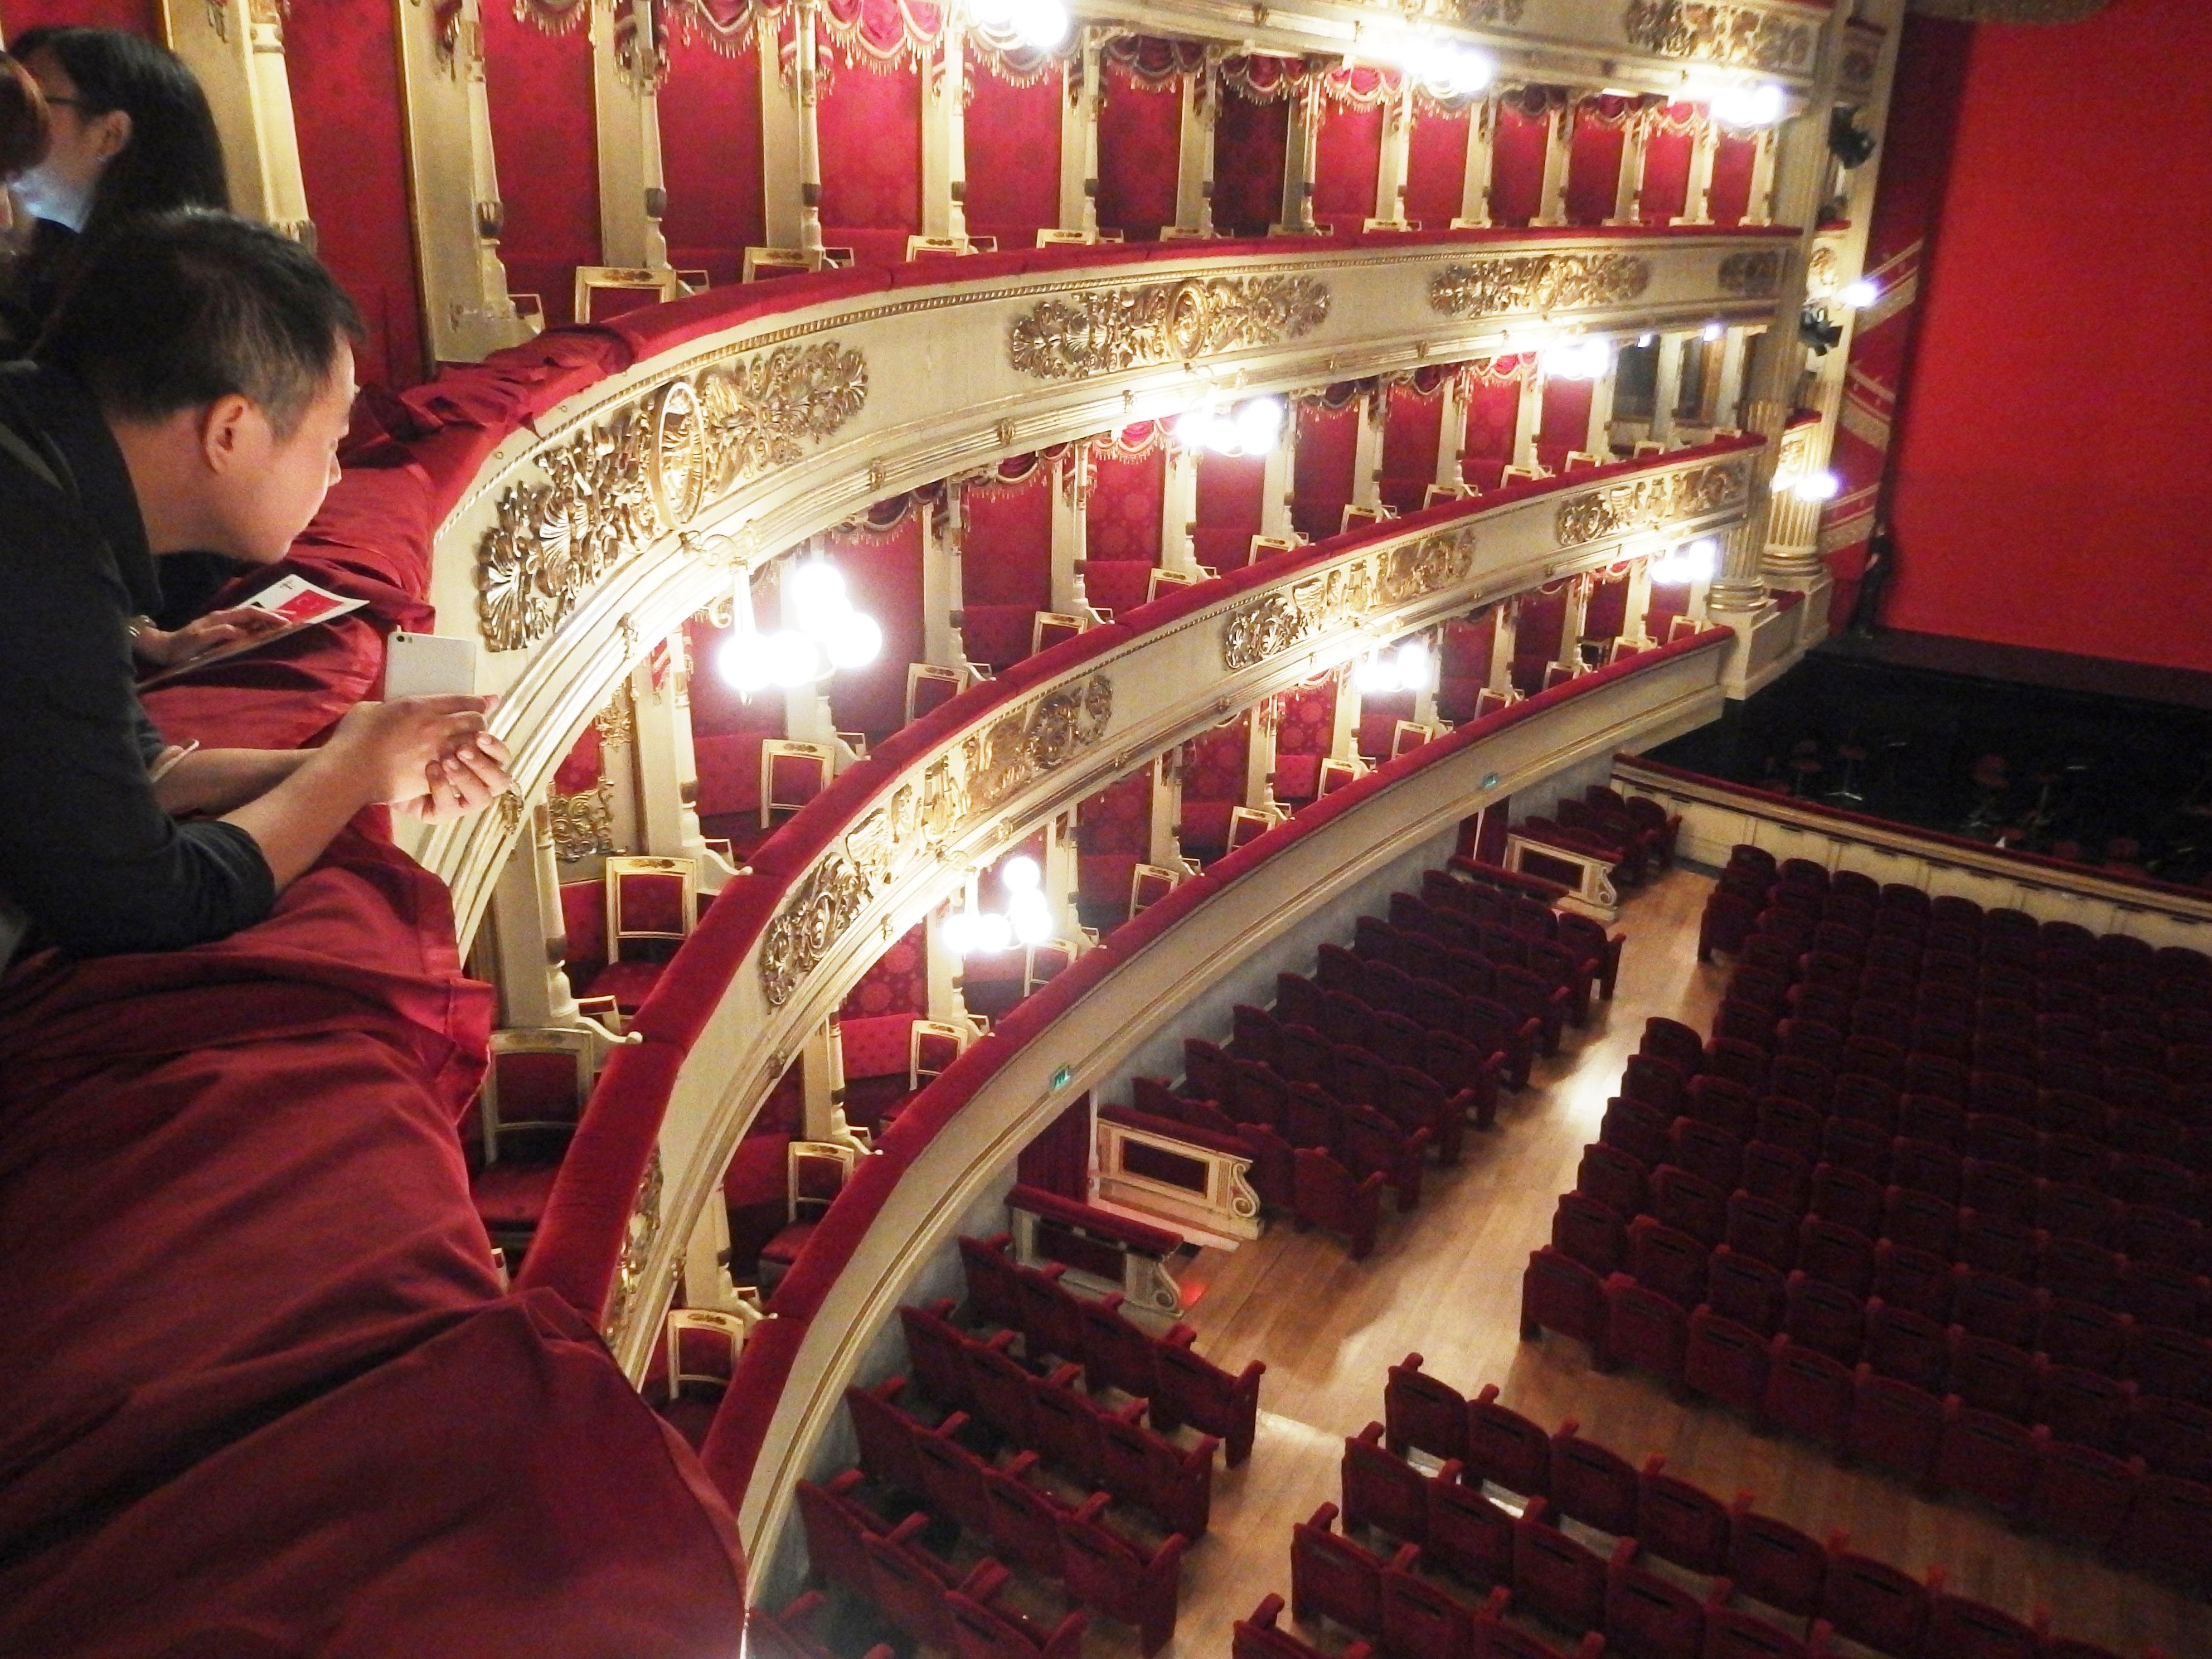 Itálie - Milán - i hlediště opery La Scala (celkem pro 1827 návštěvníků) má své tajemné kouzlo